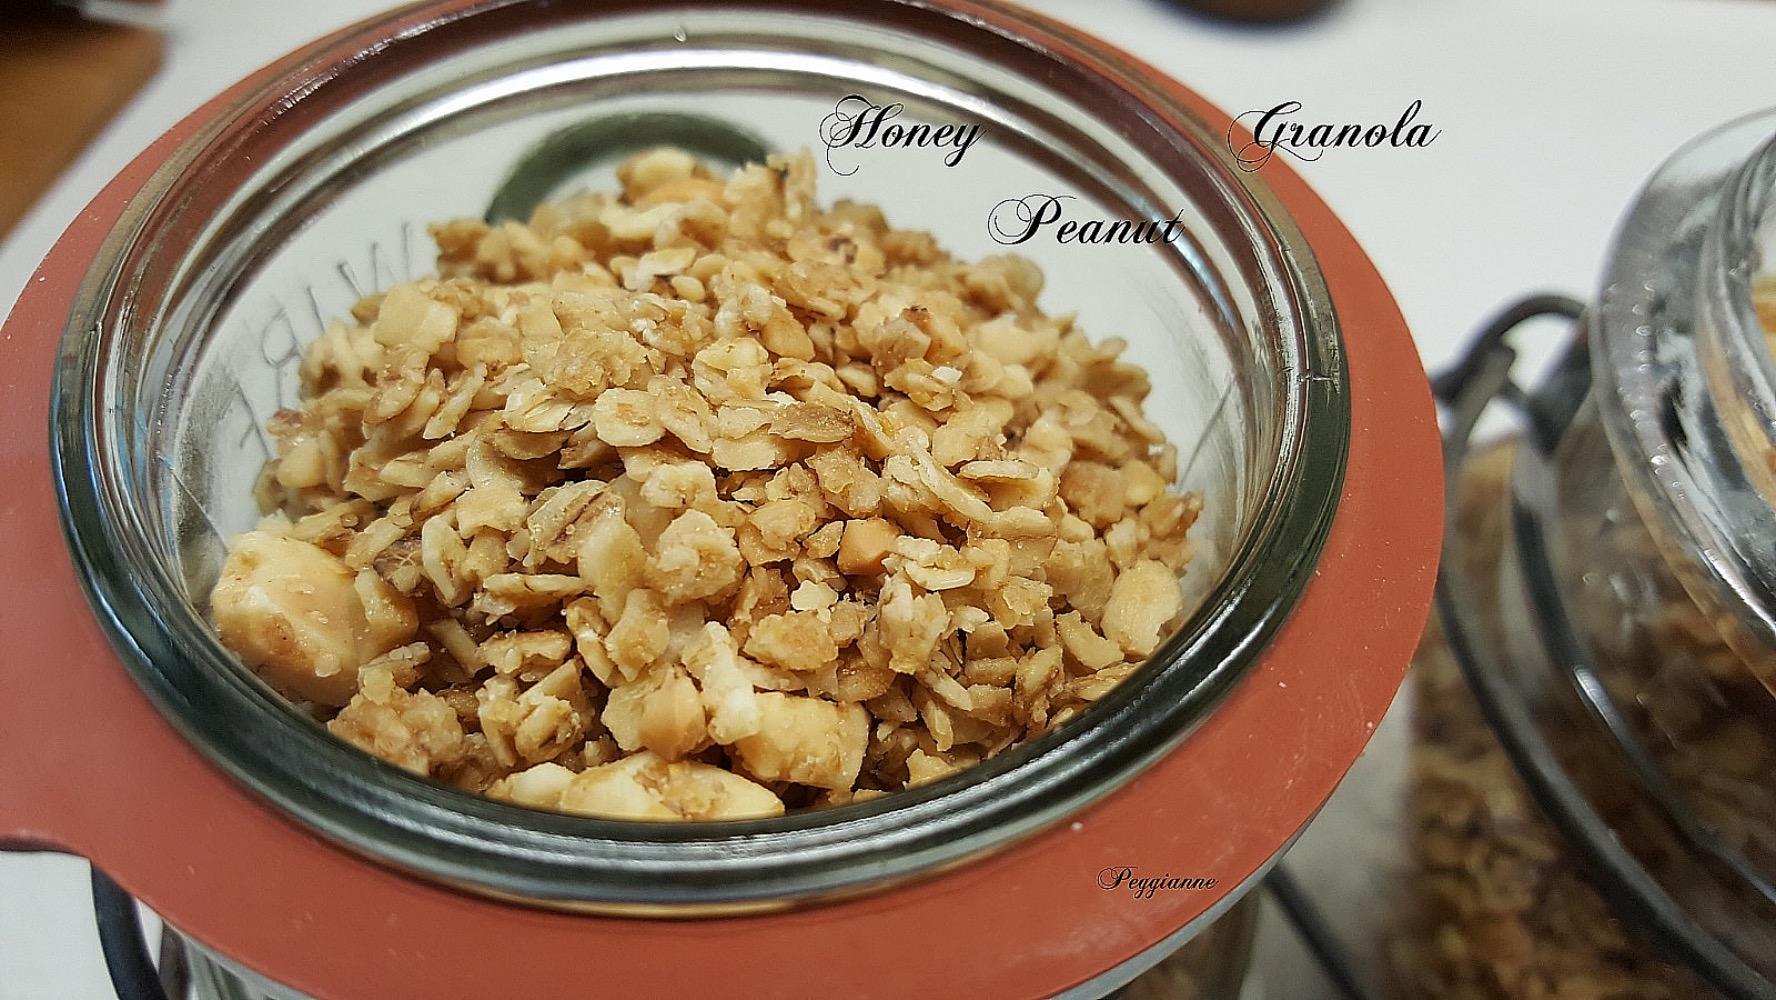 Honey Peanut Granola Peggianne